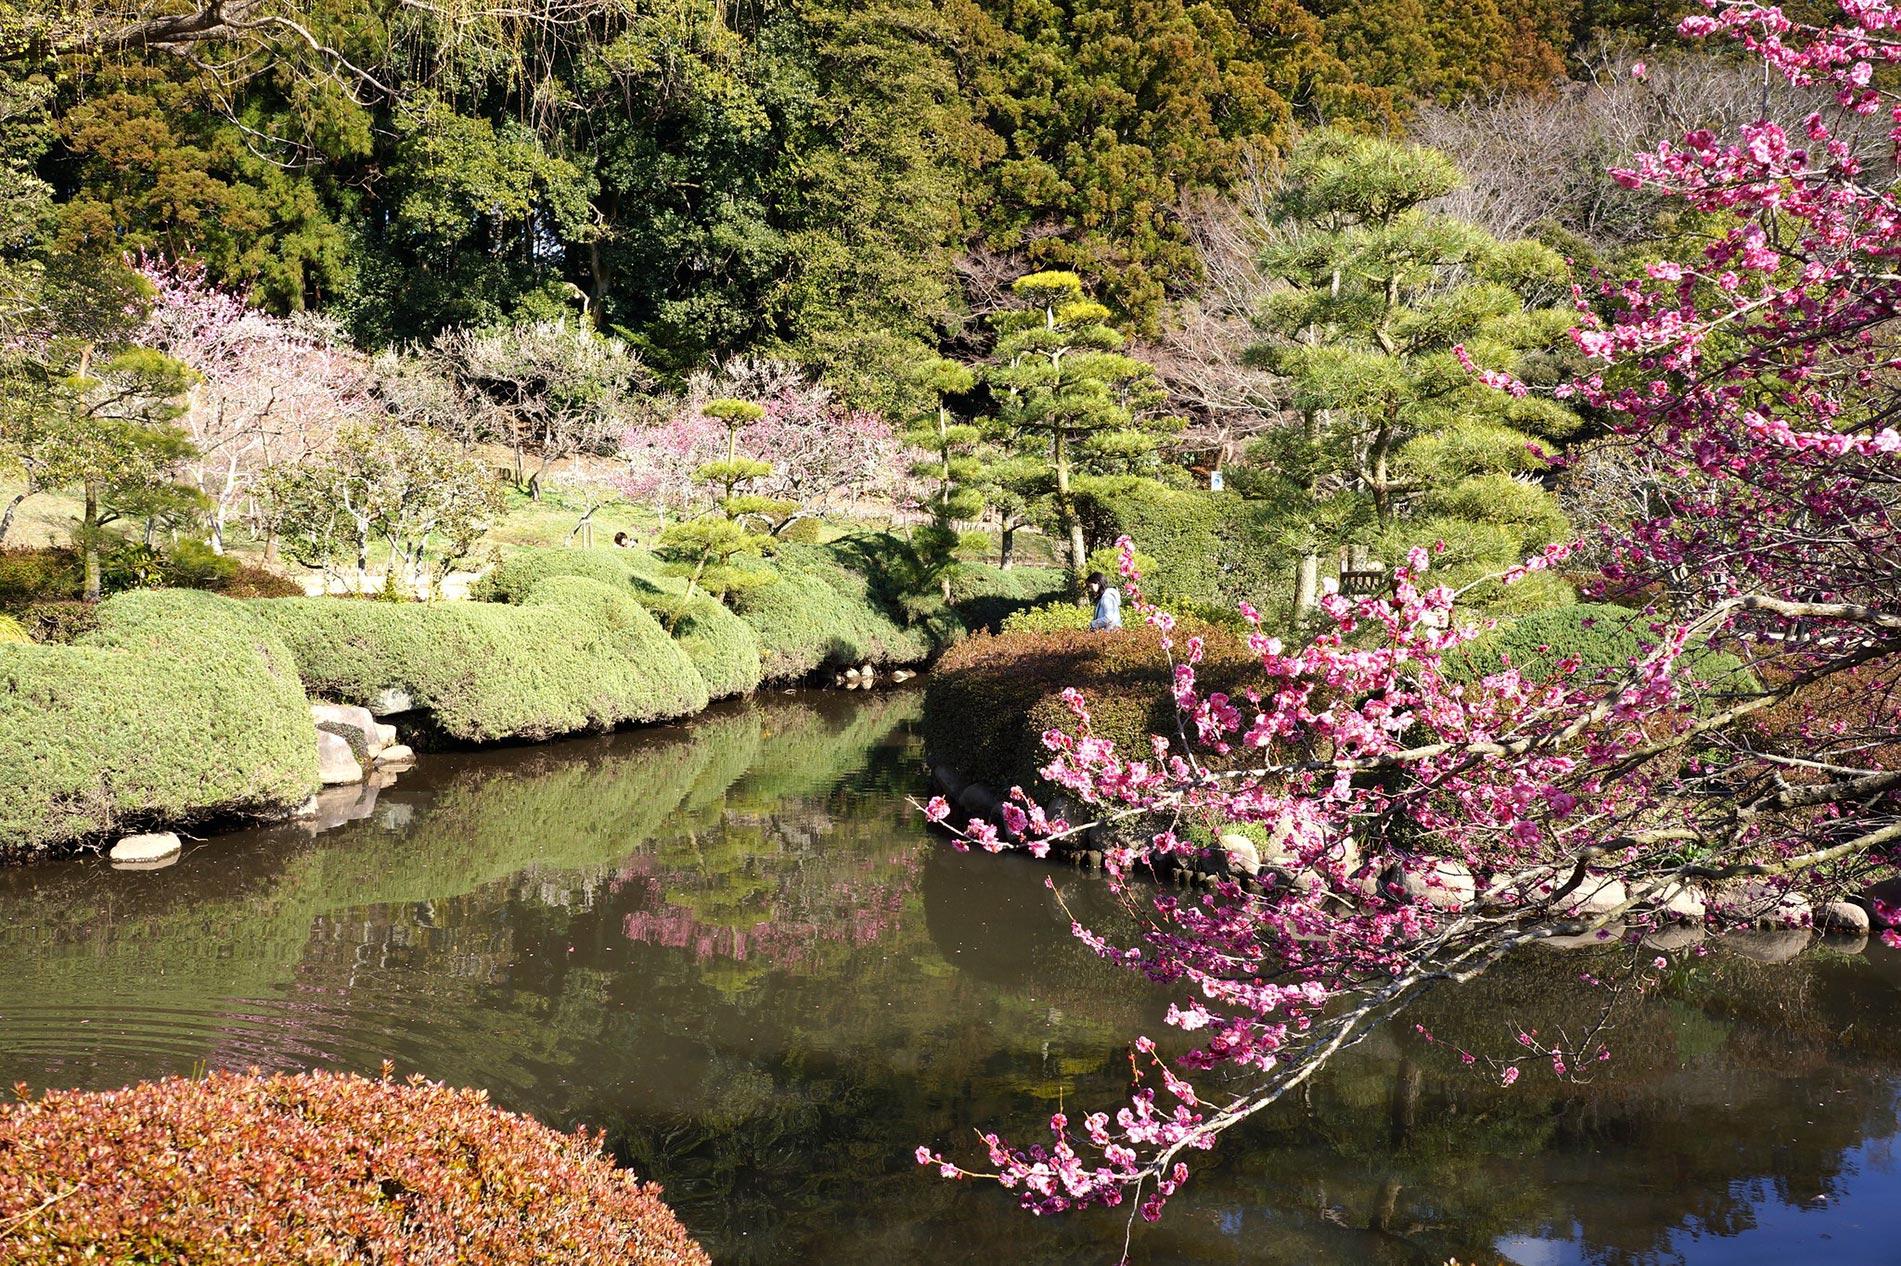 Im Kairaku-en Garten in Mito blüht immer etwas, aber besonders berühmt ist er für seine vielen, farbenfrohen Pflaumenbäume. (Foto: inucara auf flickr https://flic.kr/p/mxY5Gk CC BY 2.0)